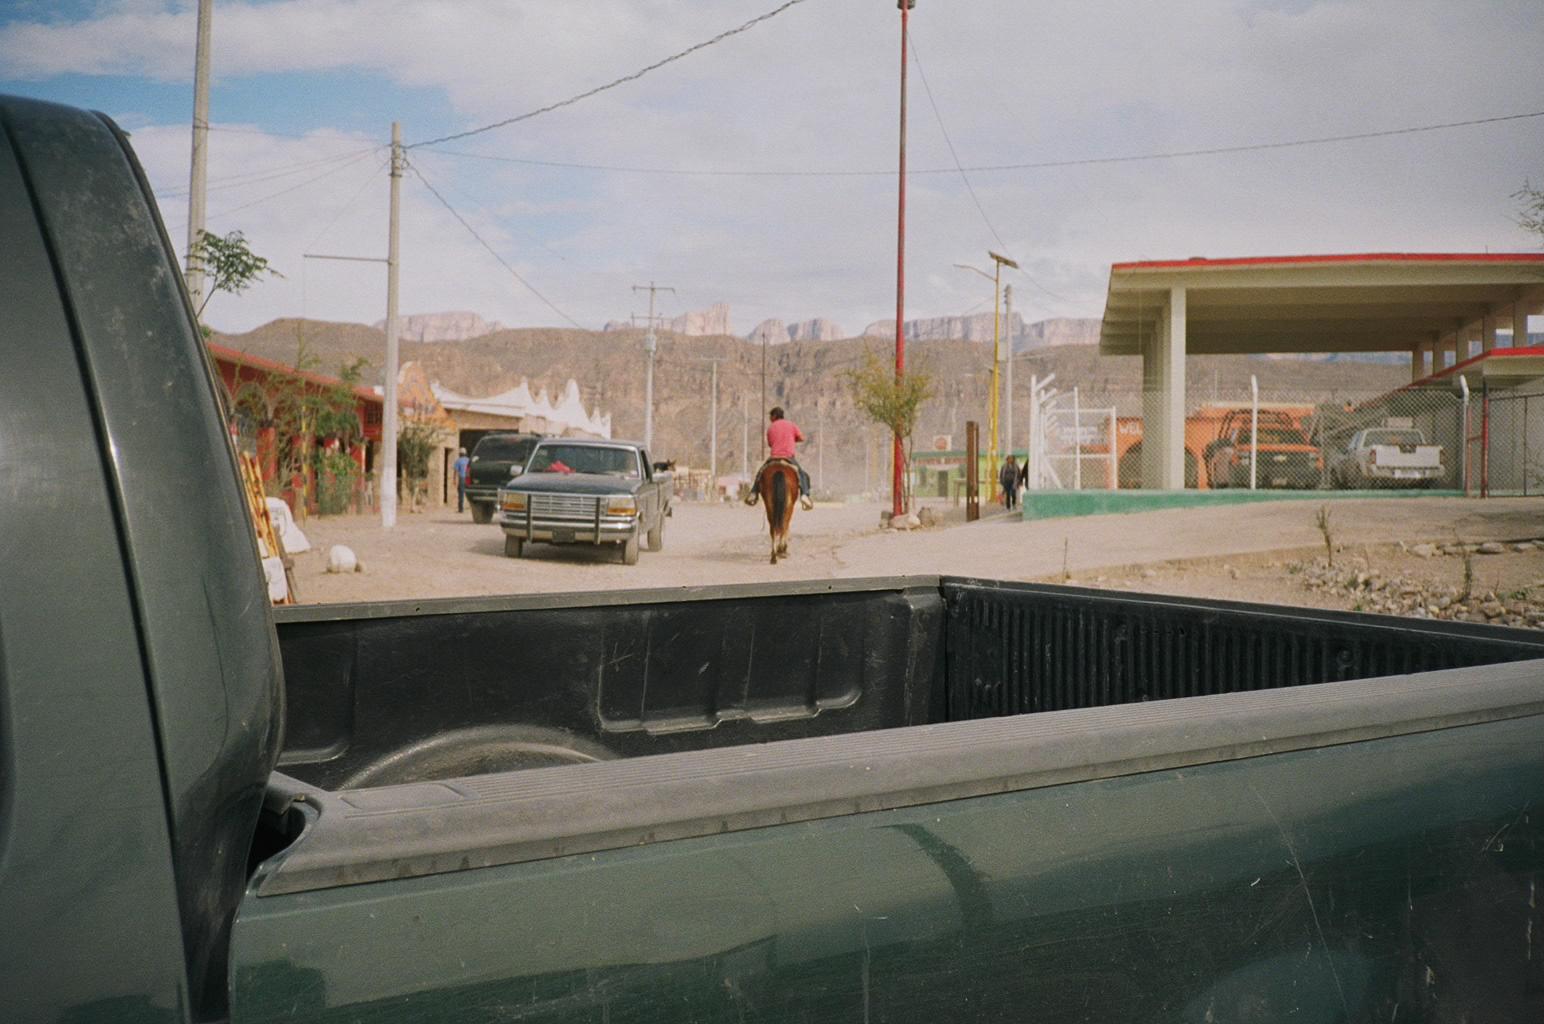 Riding horses, Boquillas, Mexico, 2017